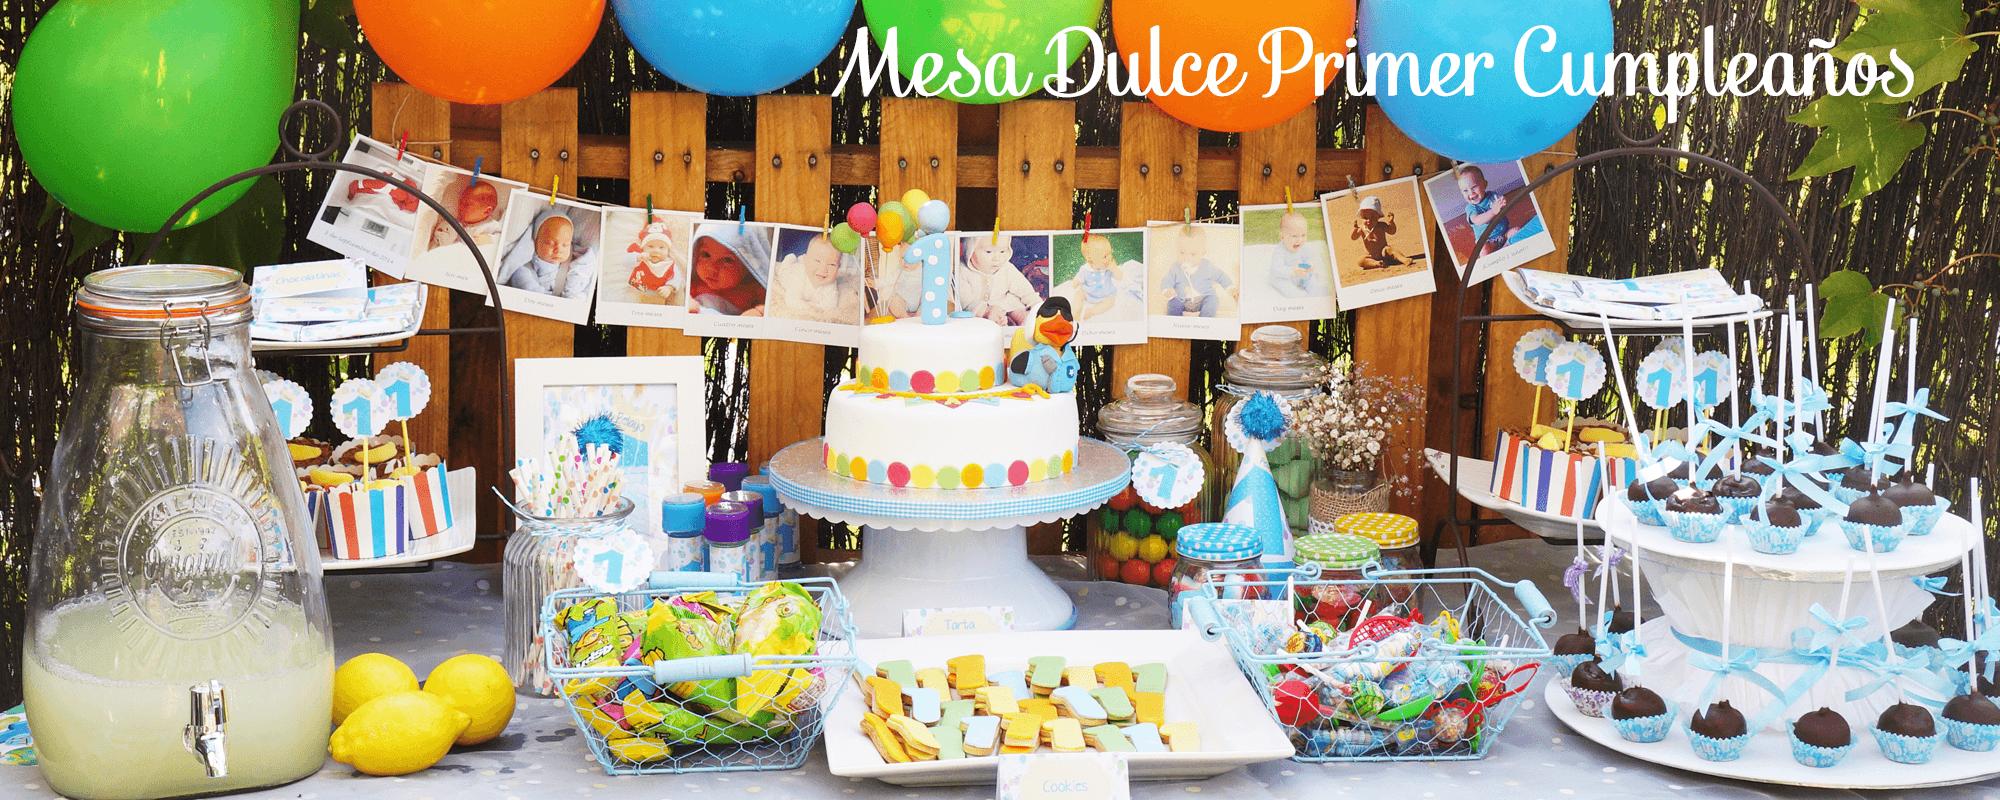 mesa dulce primer cumpleaños